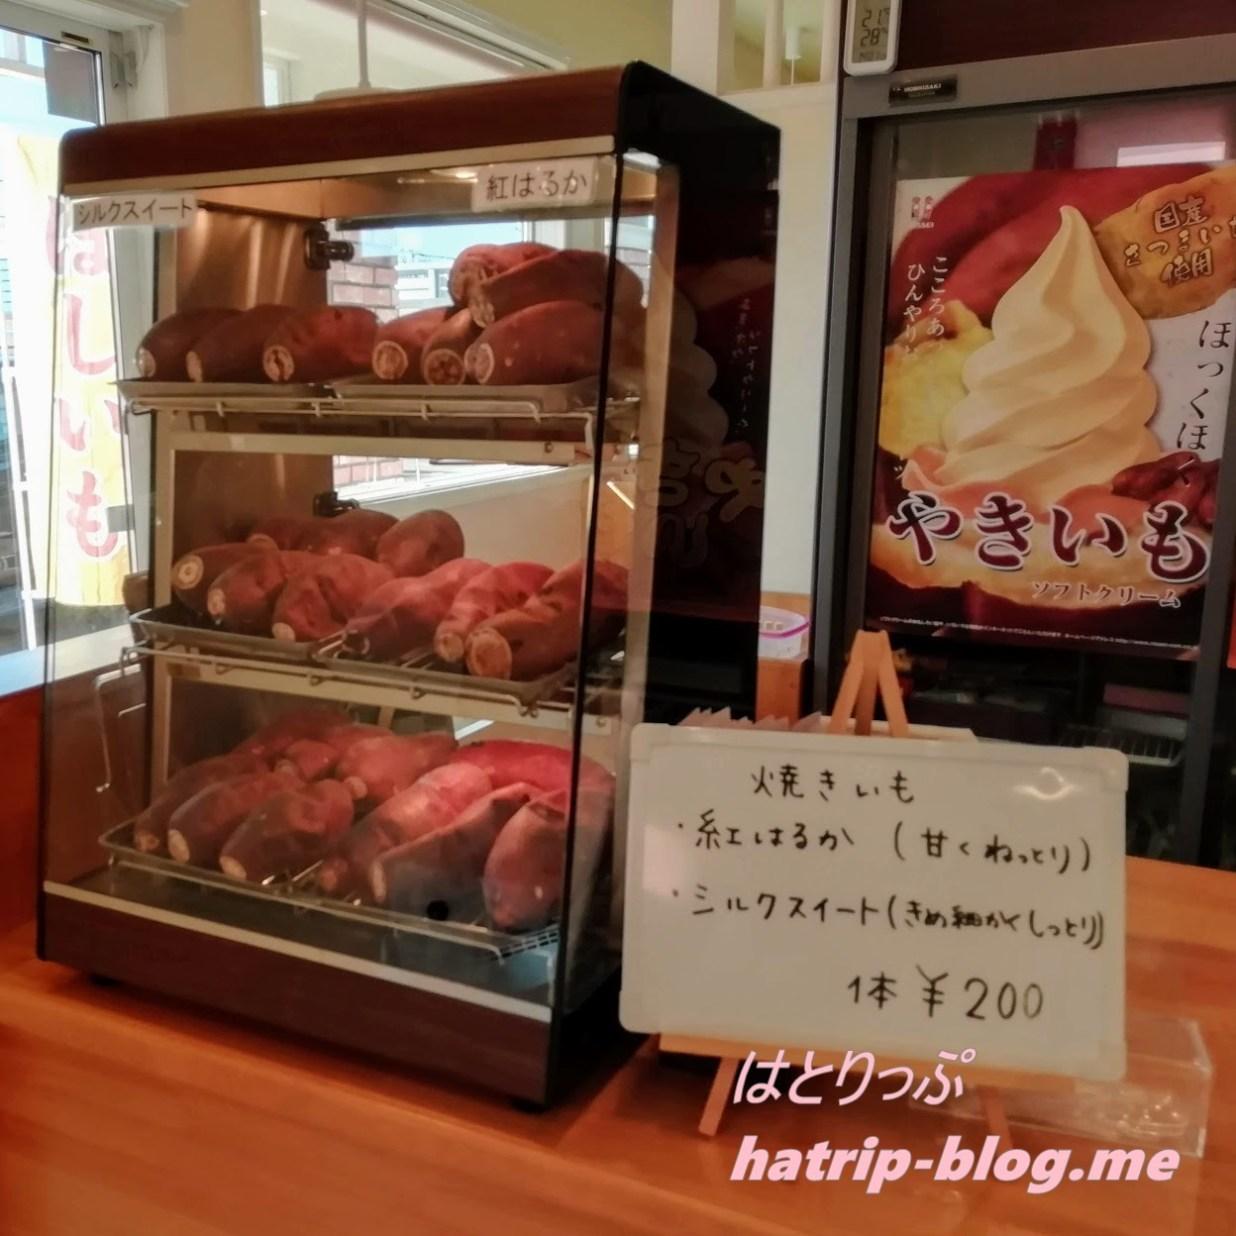 茨城県水戸市 熟成焼き芋専門店 あづまや 焼きいも やきいもソフトクリーム